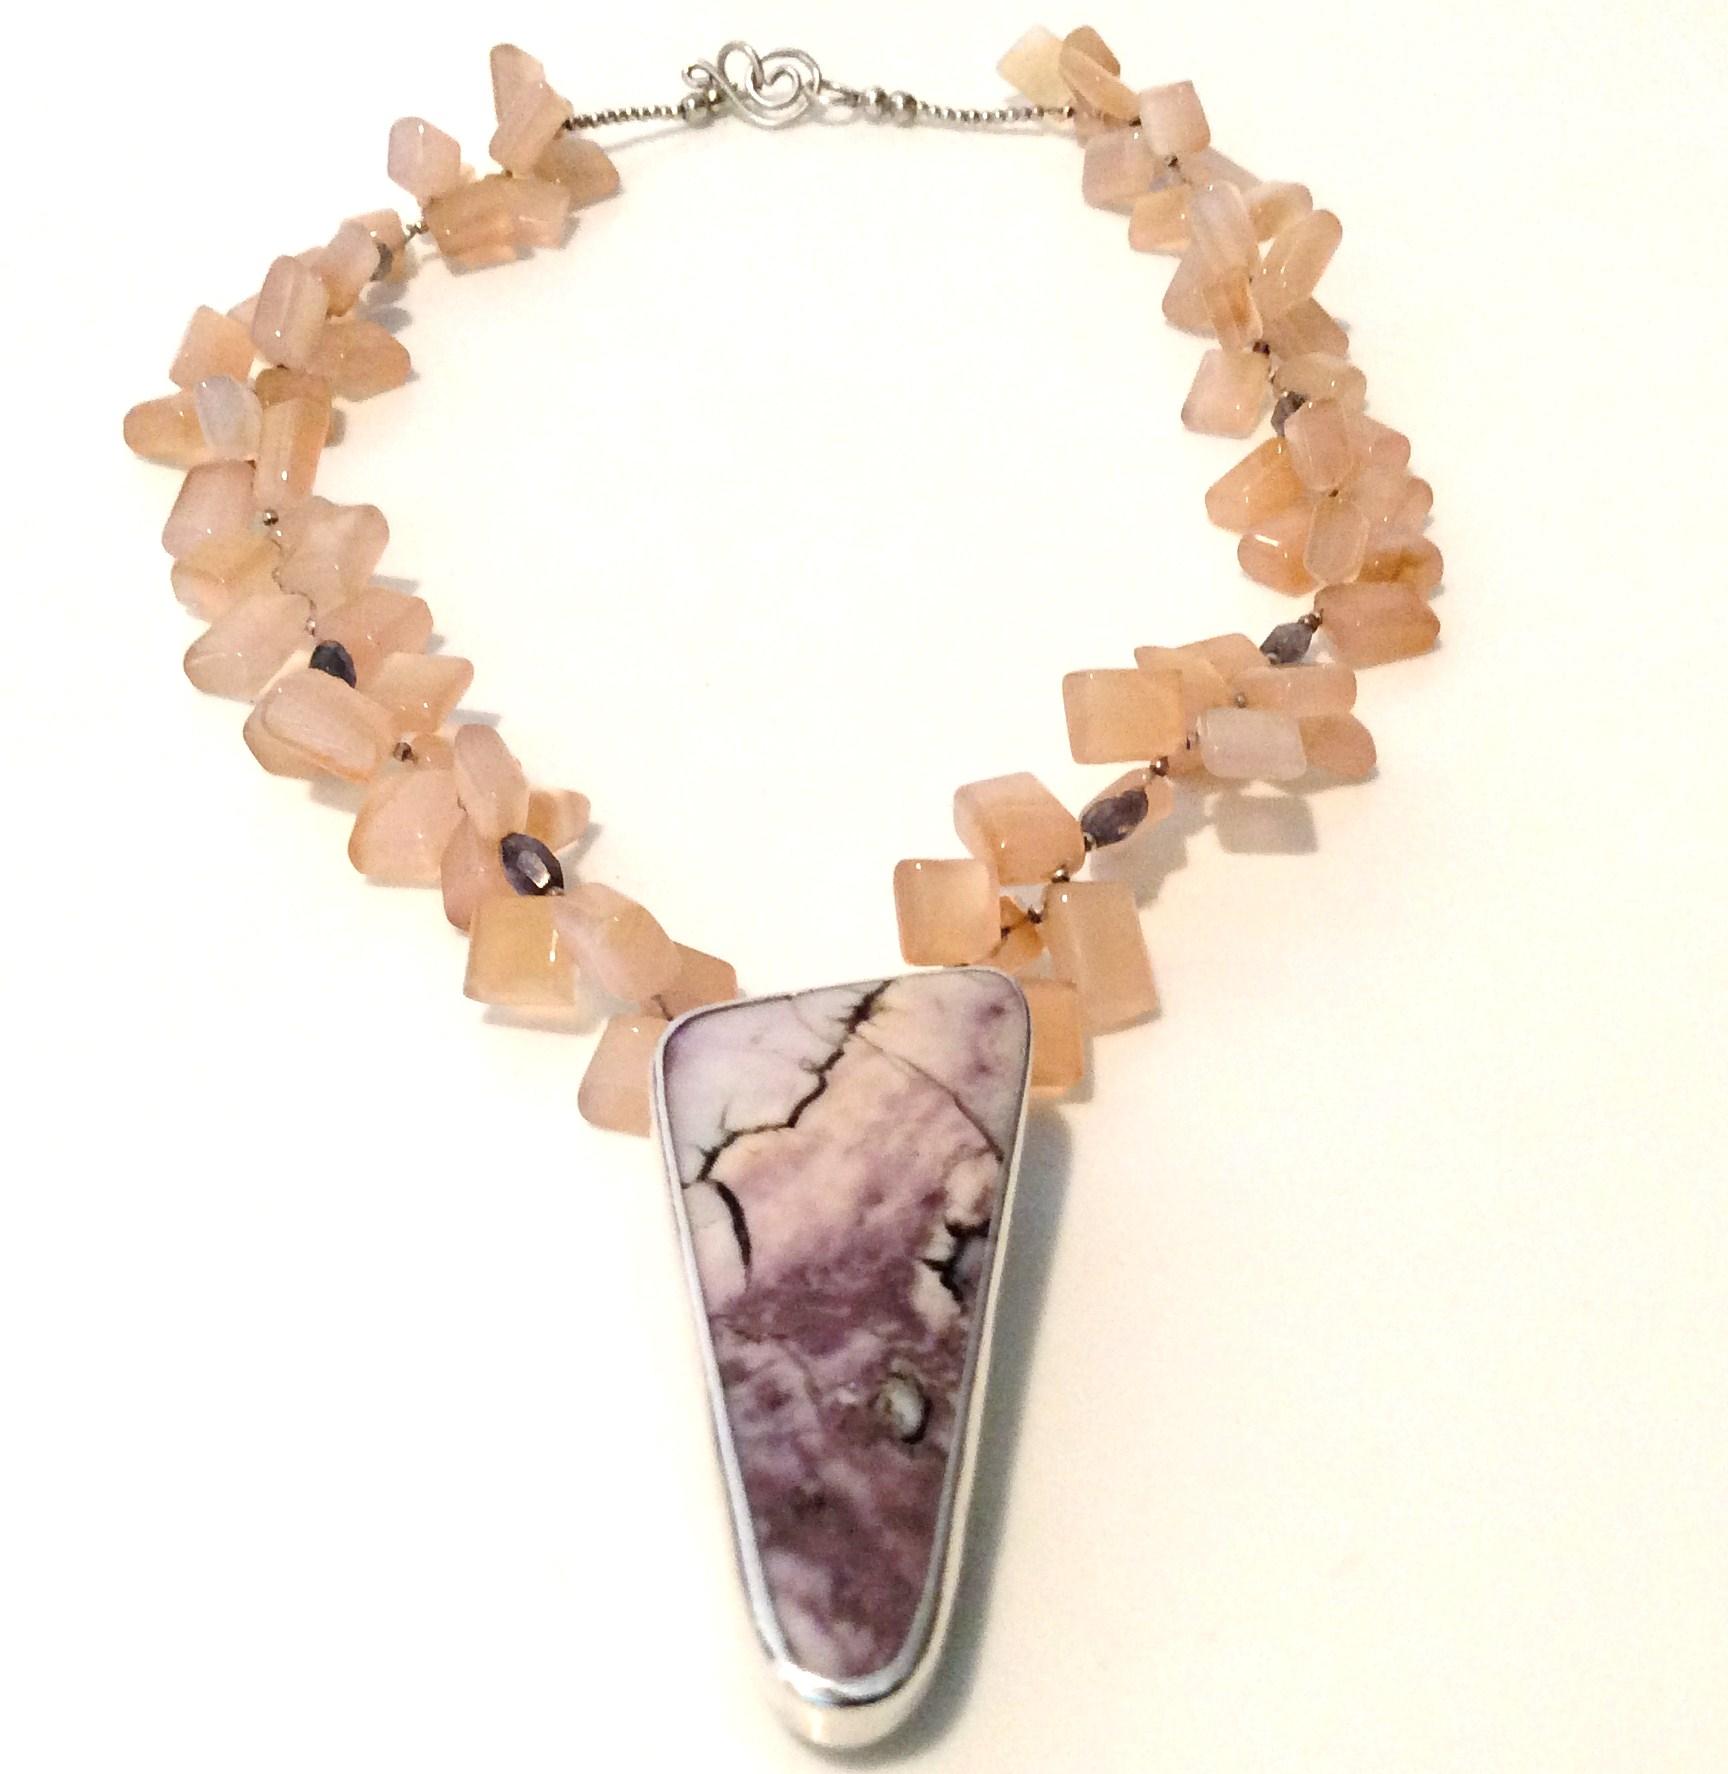 Tiffany Stone Necklace